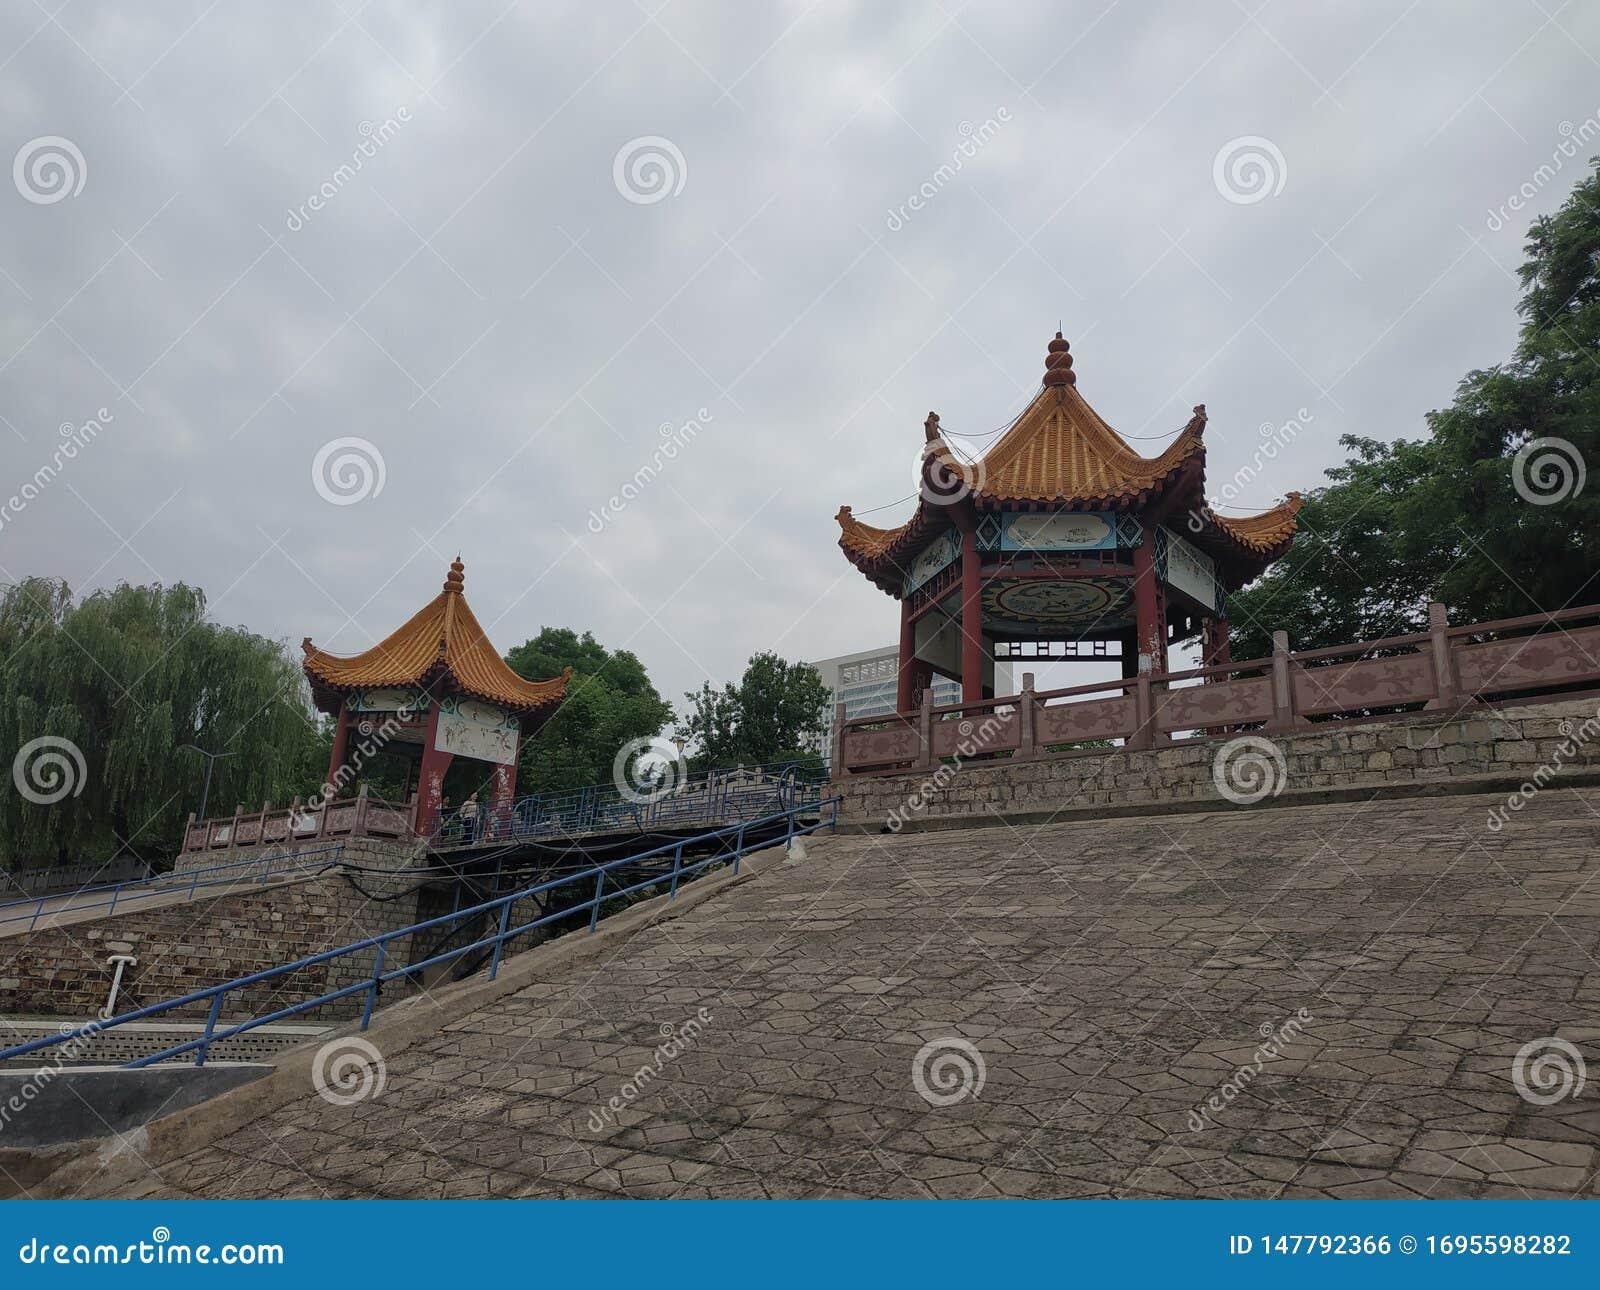 Er zijn twee paviljoenen op de bank van de rivier in het park